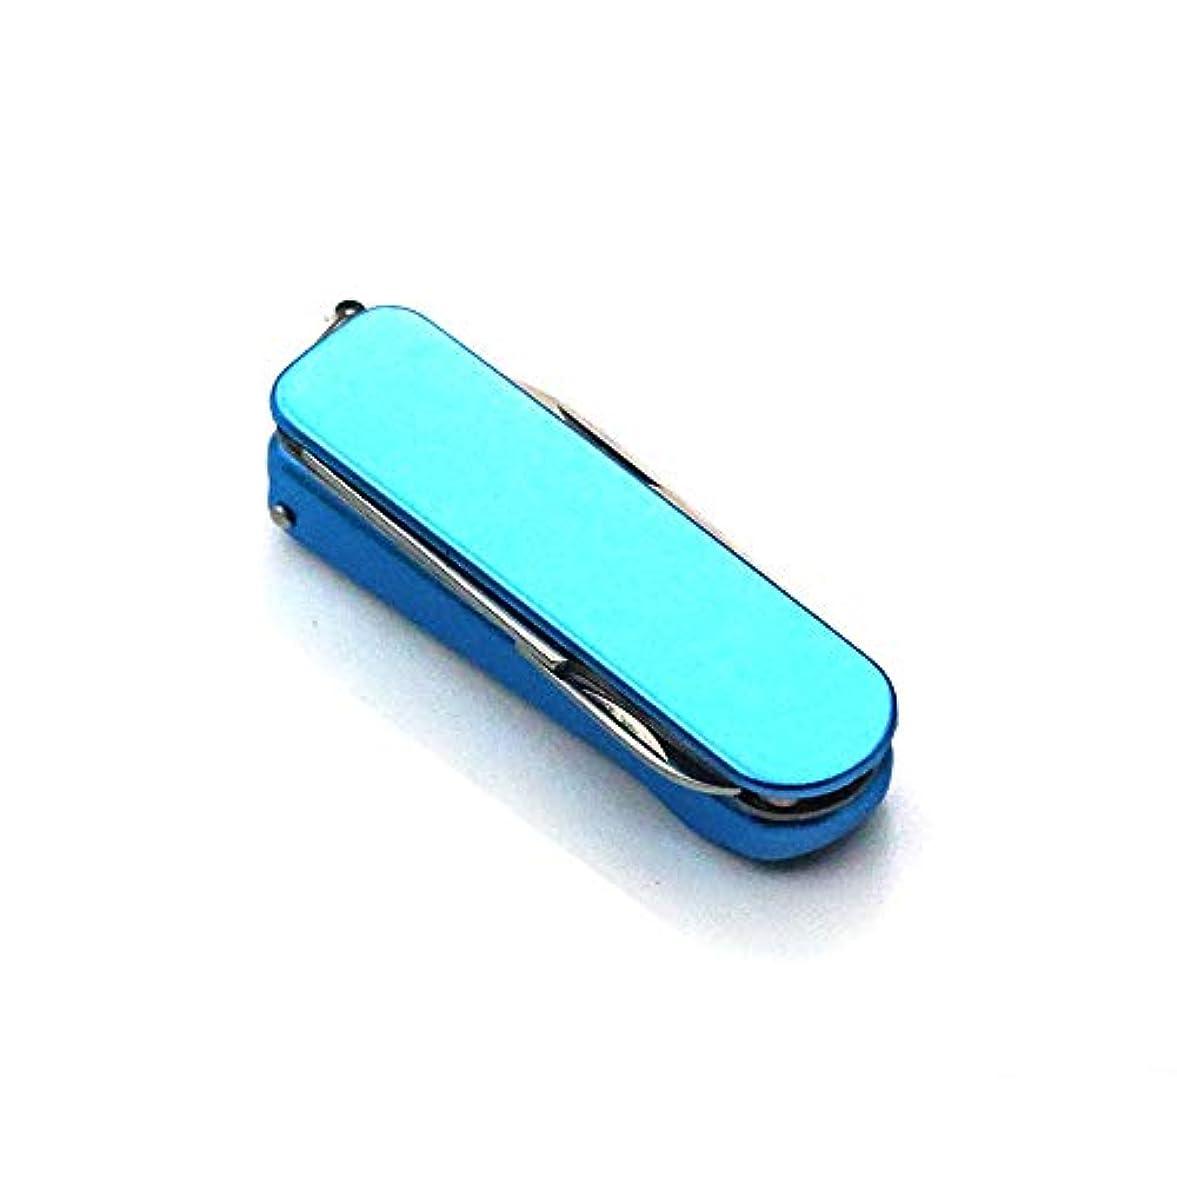 安定しました内向きカーテン多機能爪切り爪切り折り畳み式のステンレス製の爪切り携帯便利 ステンレス製高級つめきり、ブルー